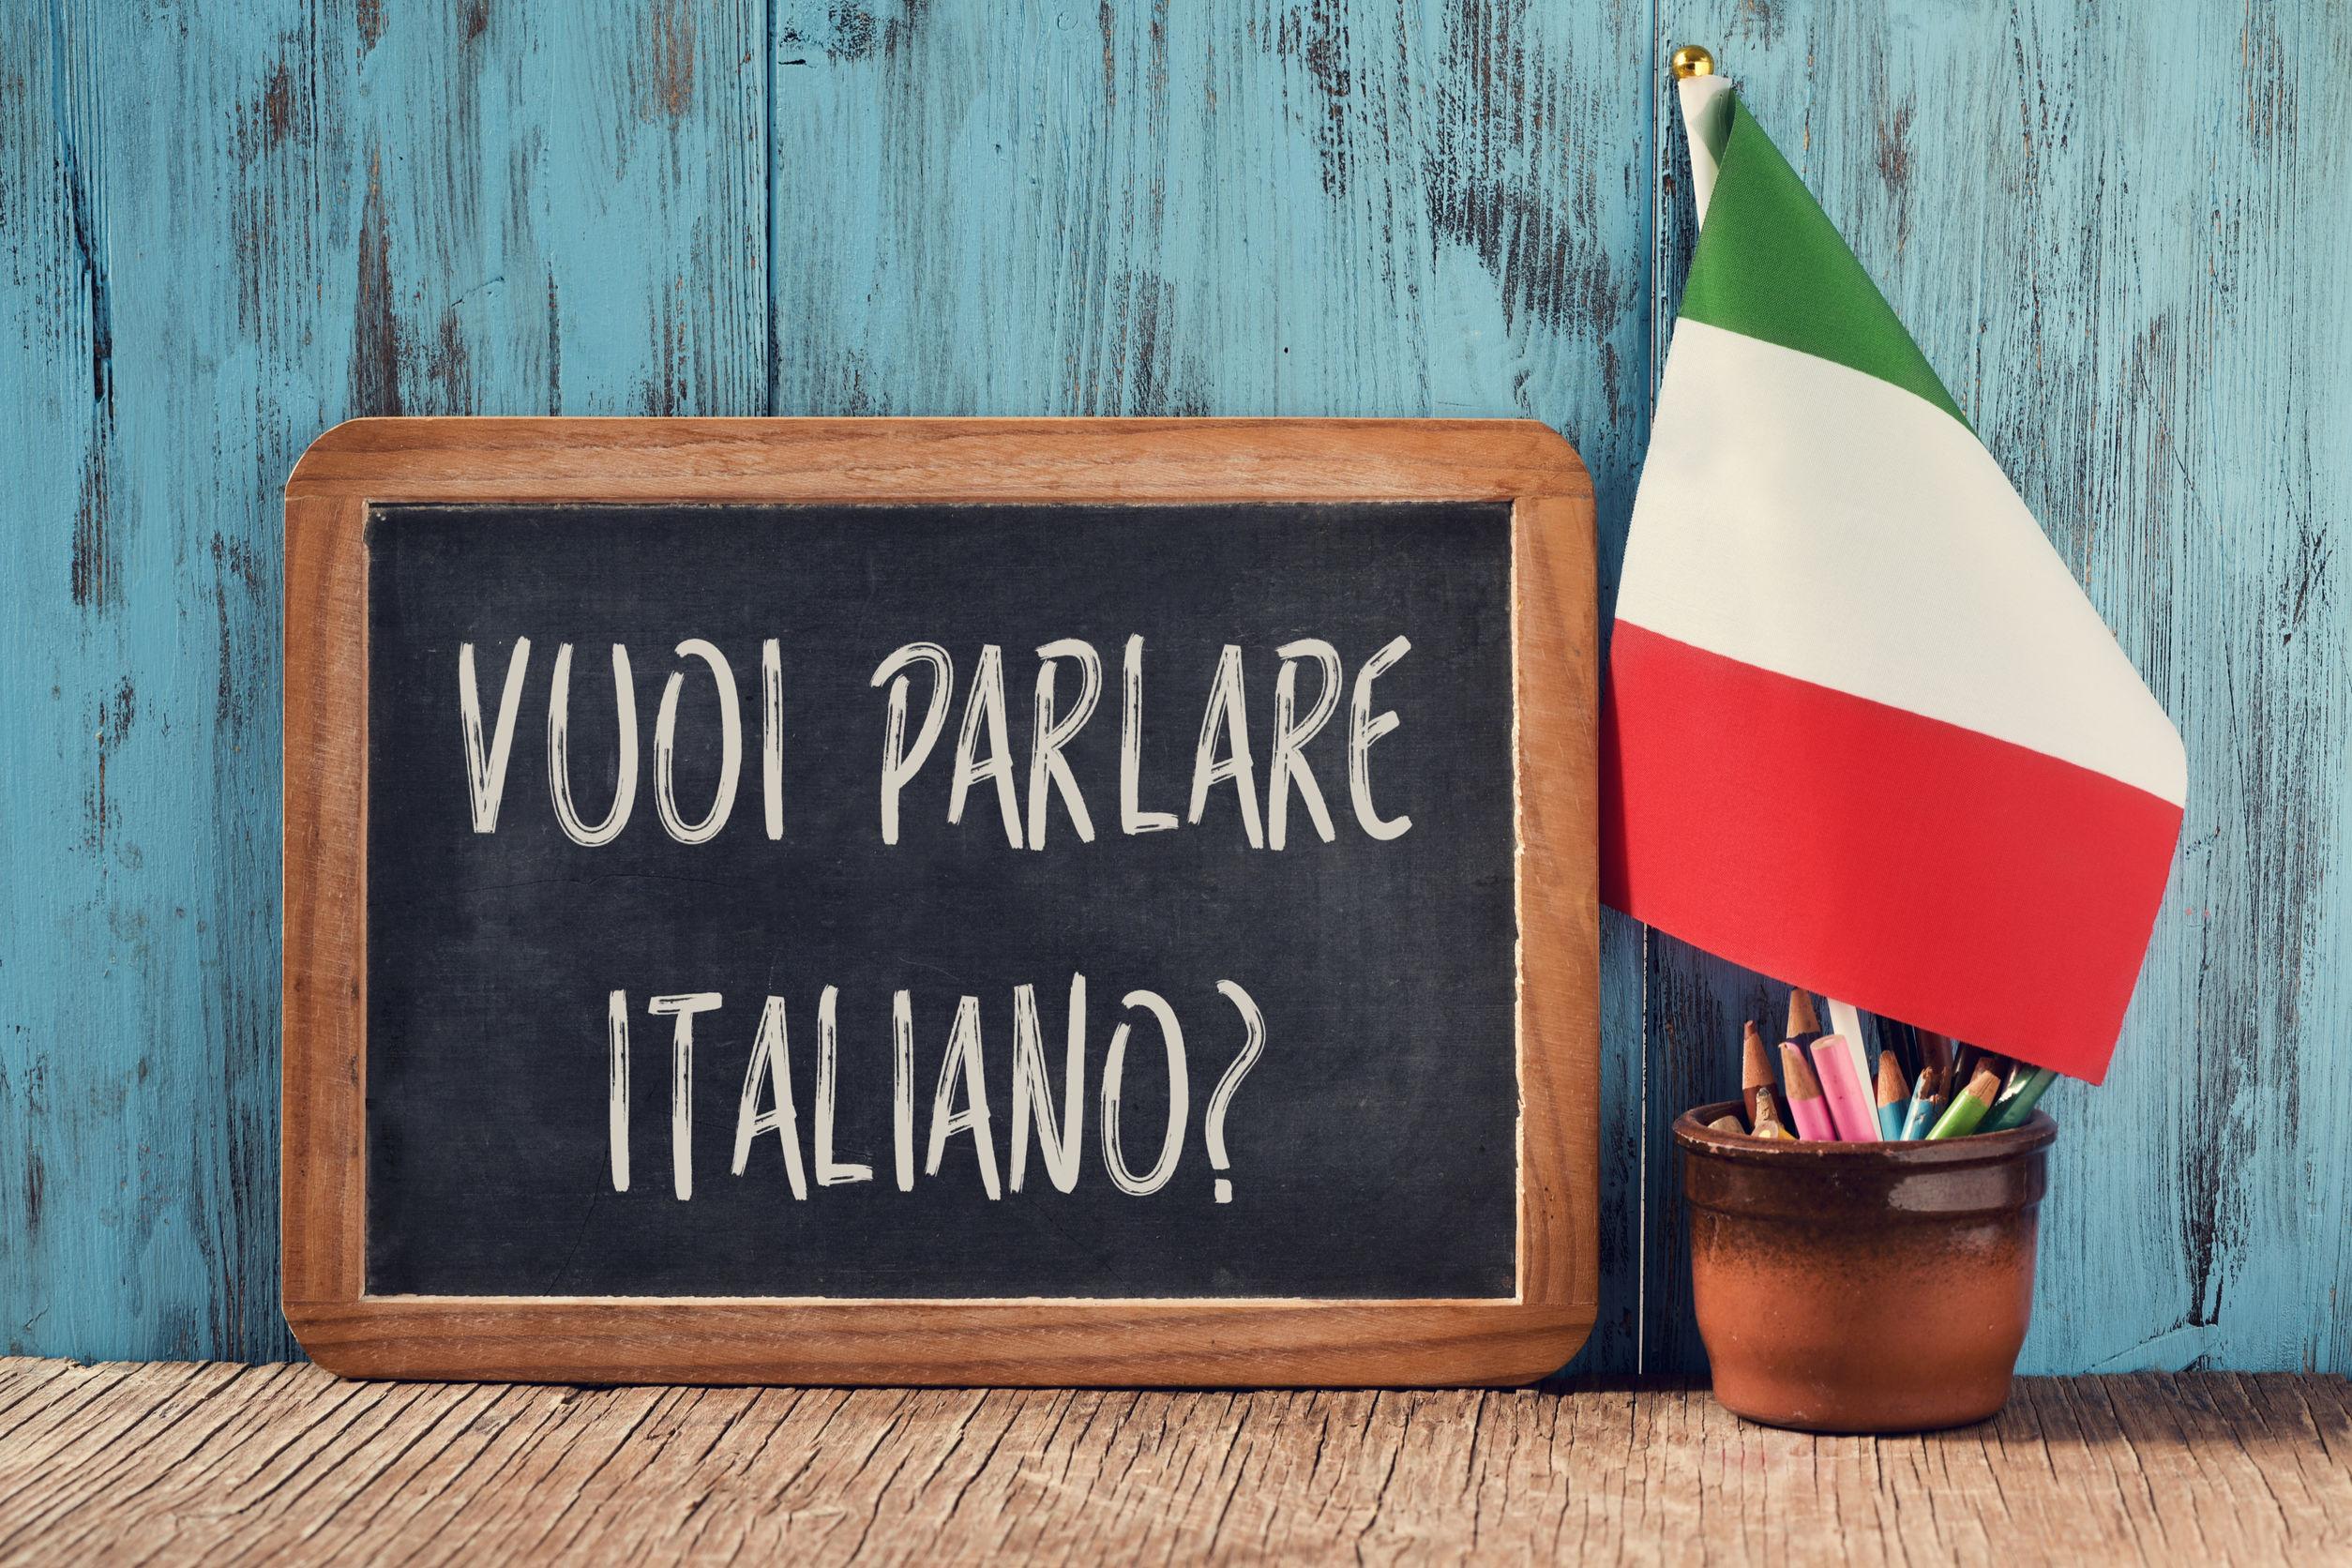 deutsch zu italienisch Dokumente übersetzen lassen